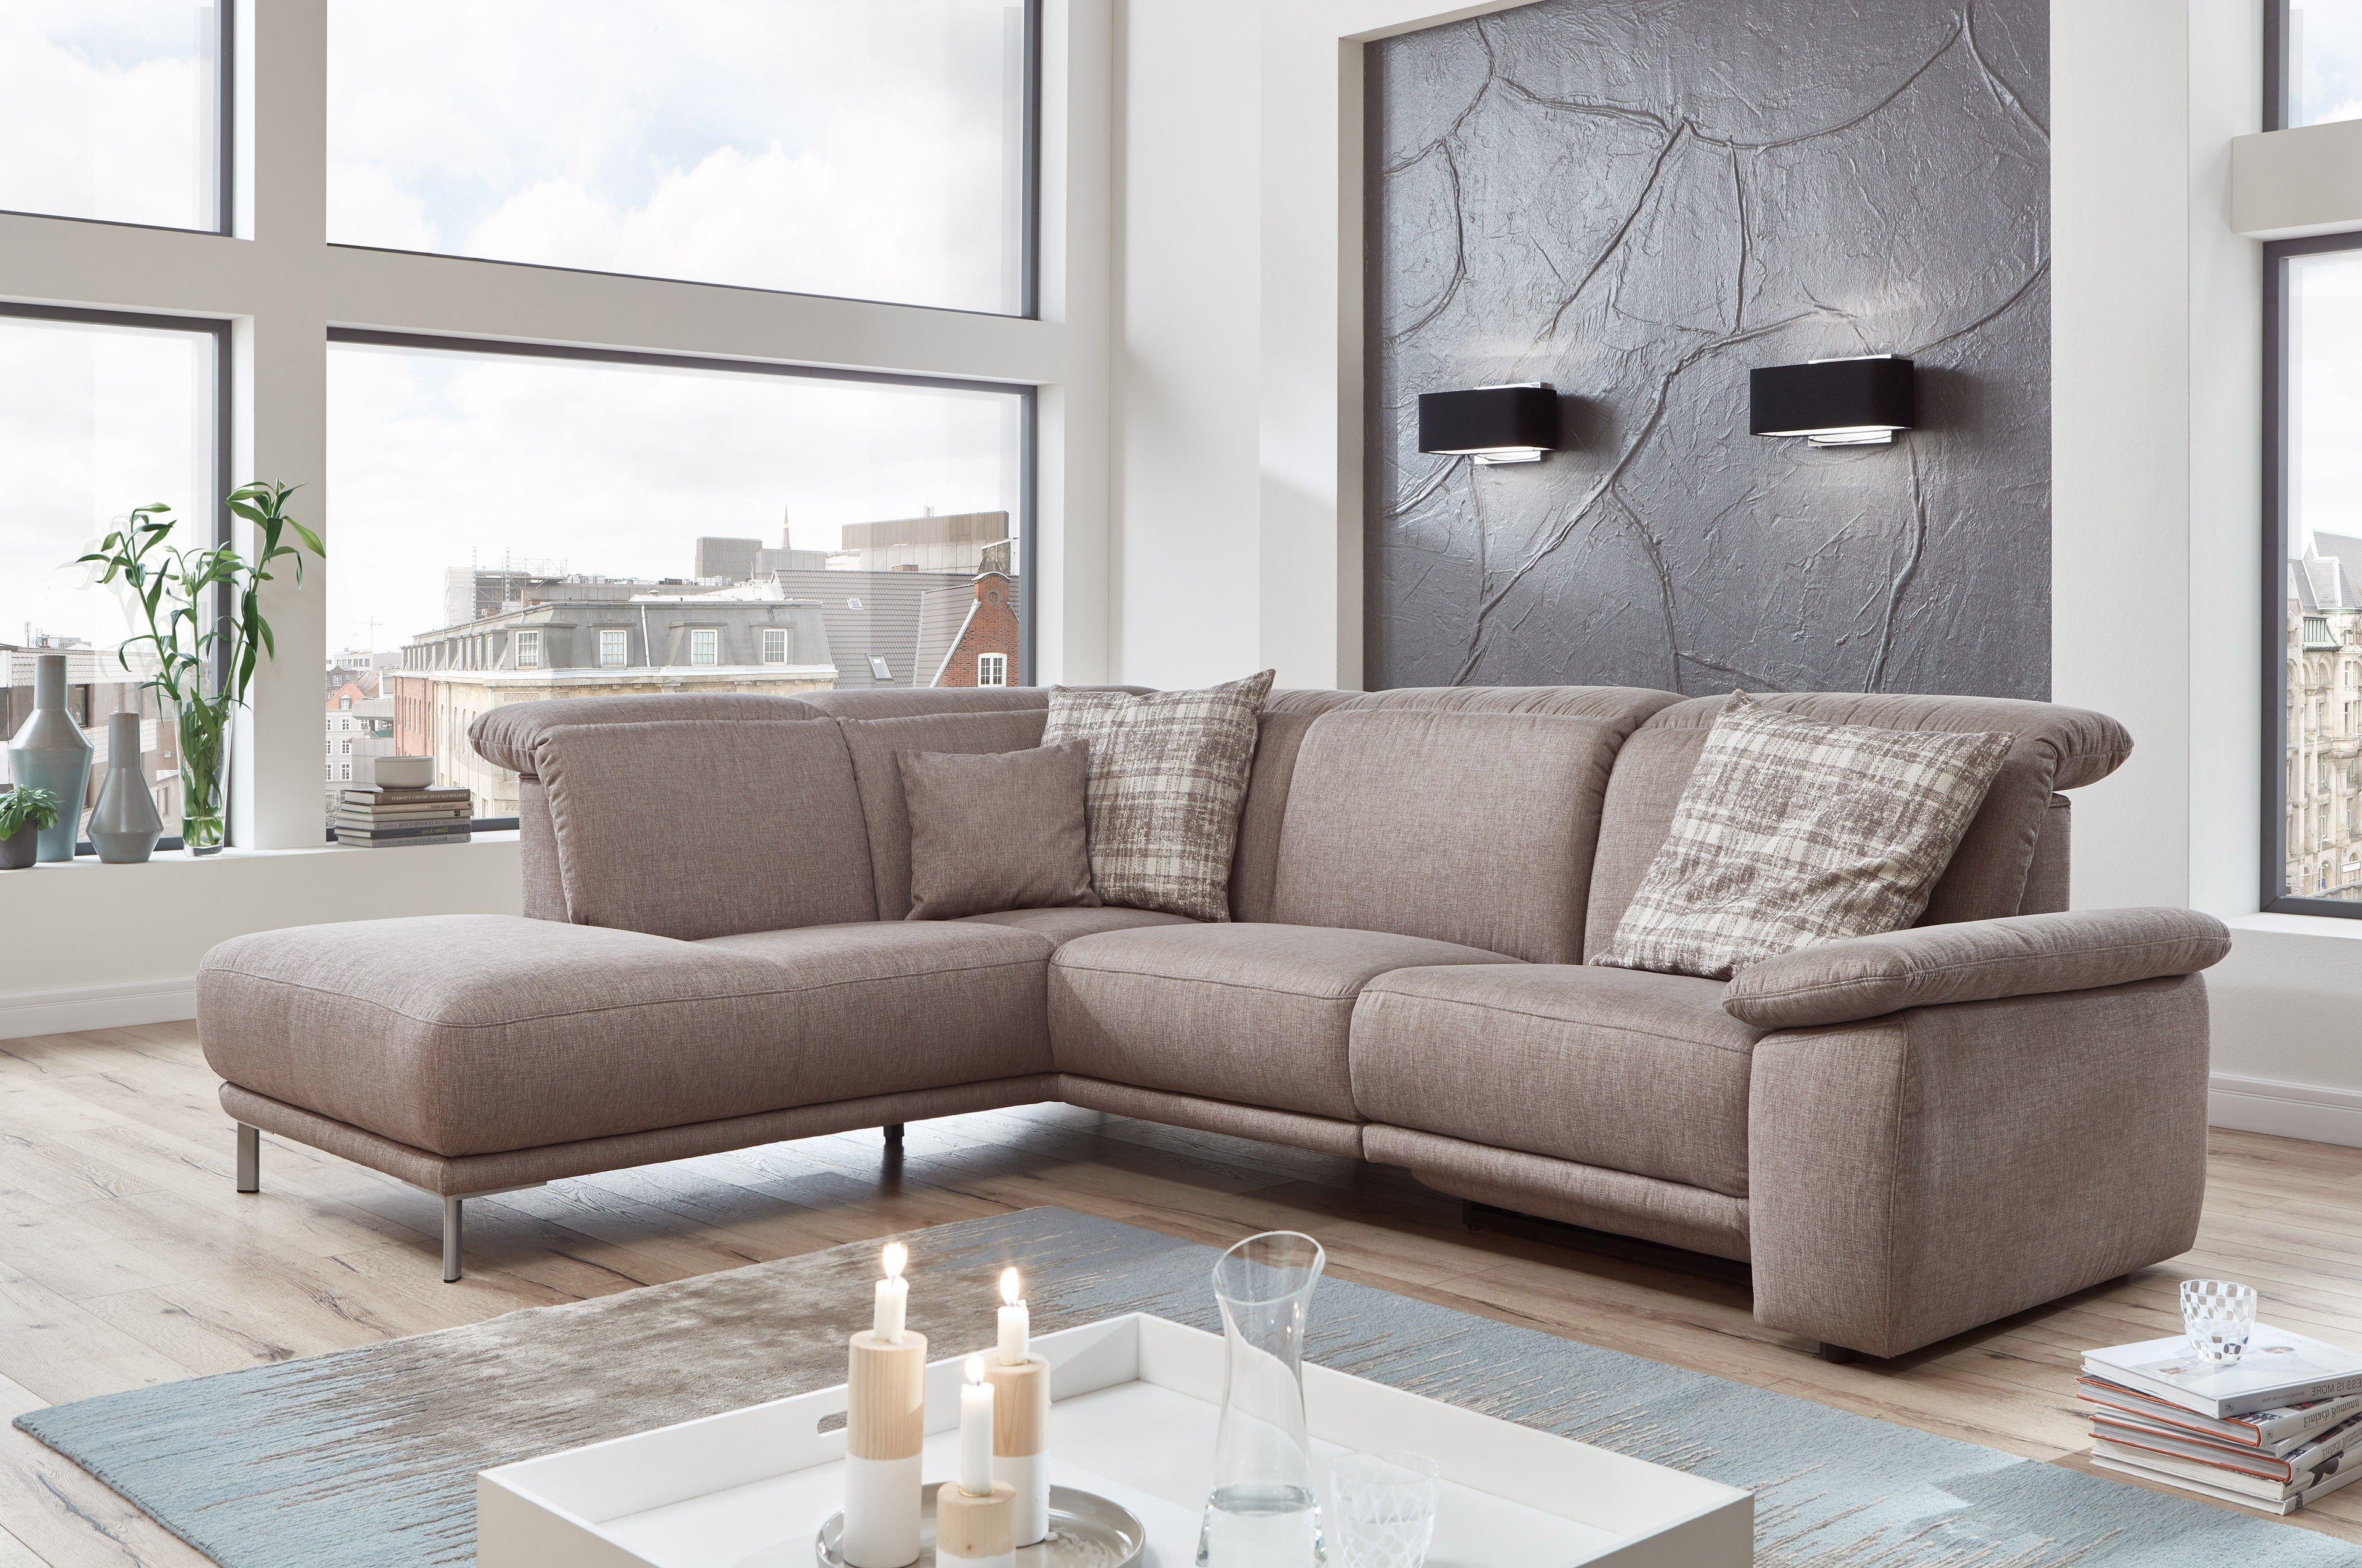 gruber polsterm bel roma polstergarnitur in hellbraun m bel letz ihr online shop. Black Bedroom Furniture Sets. Home Design Ideas